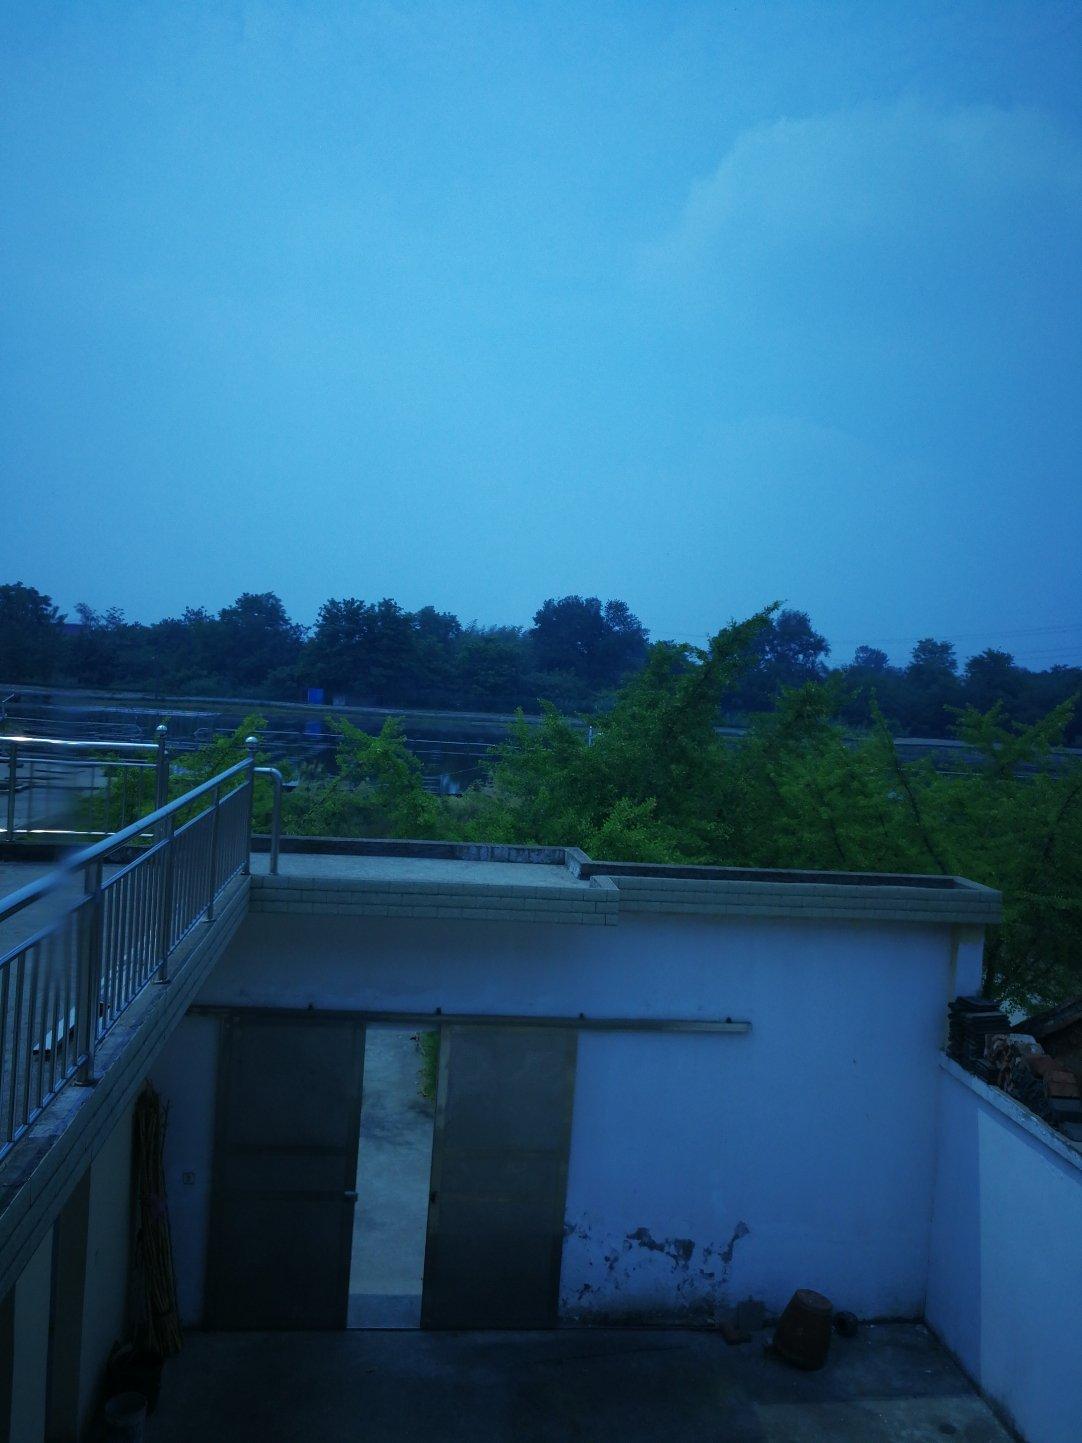 江苏省泰州市高港区_江苏省泰州市高港区s35泰镇高速靠近西王庄天气预报